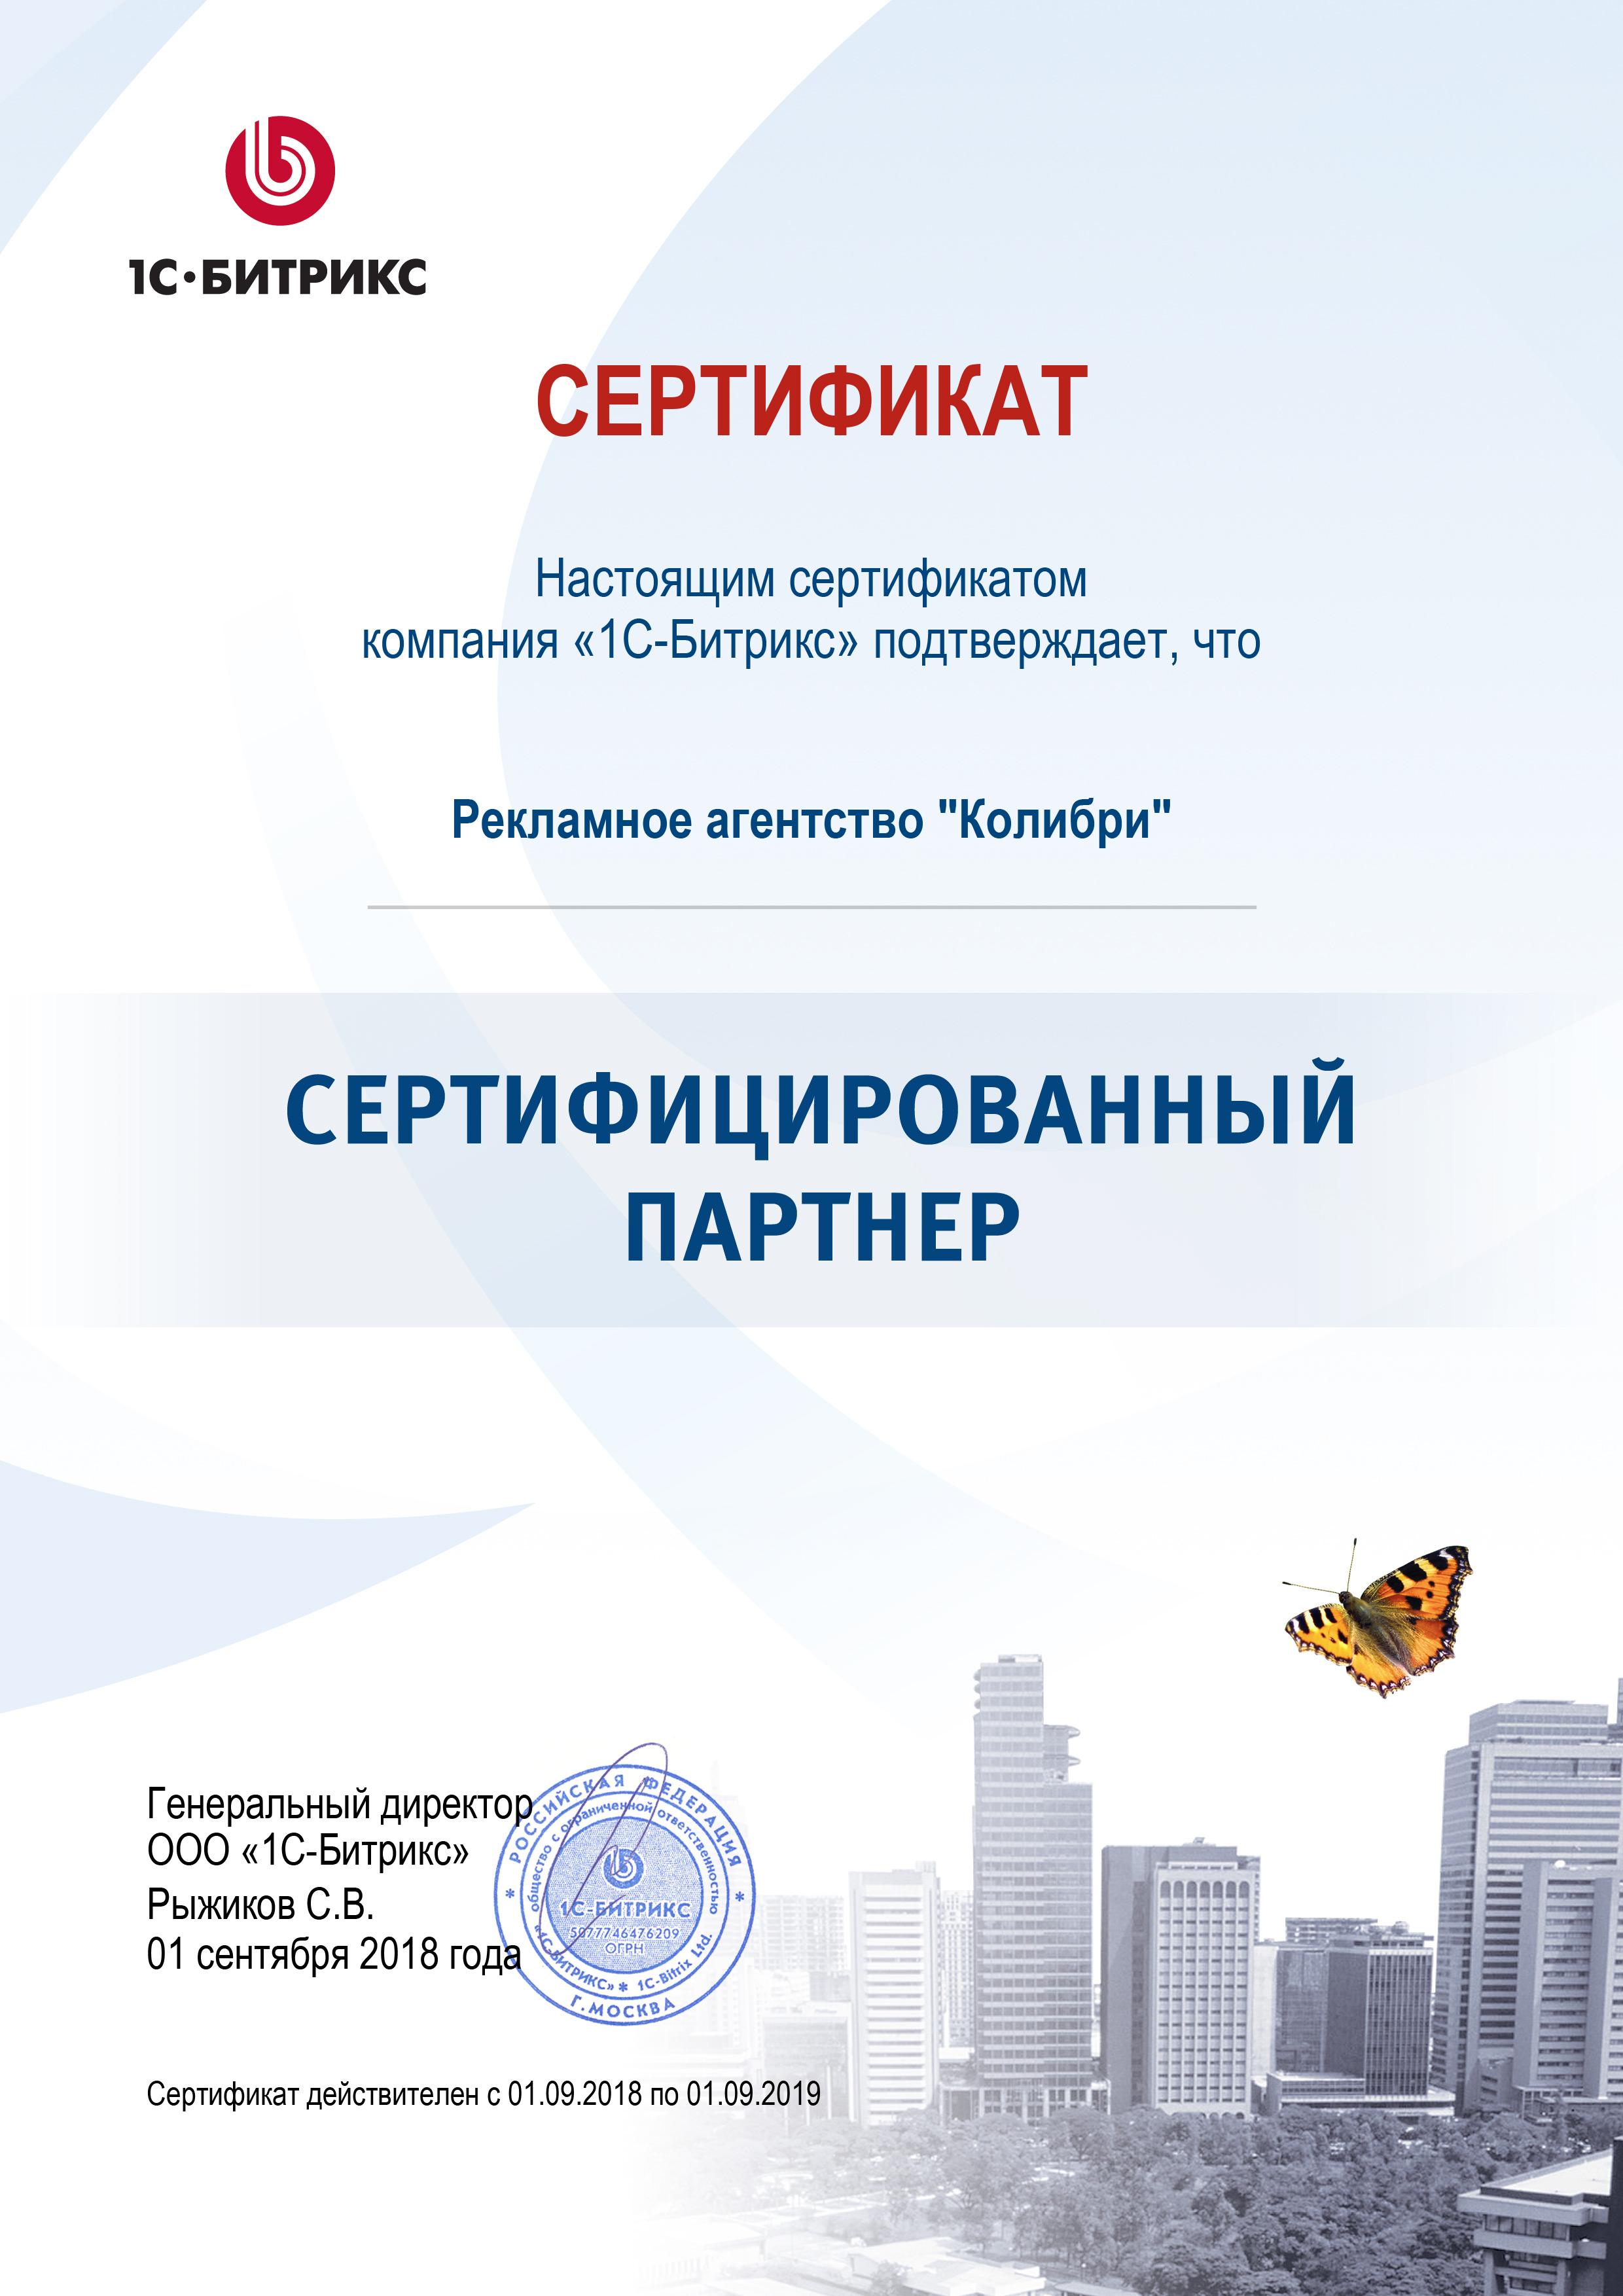 Сертифицированный партнер 1С Bitrix